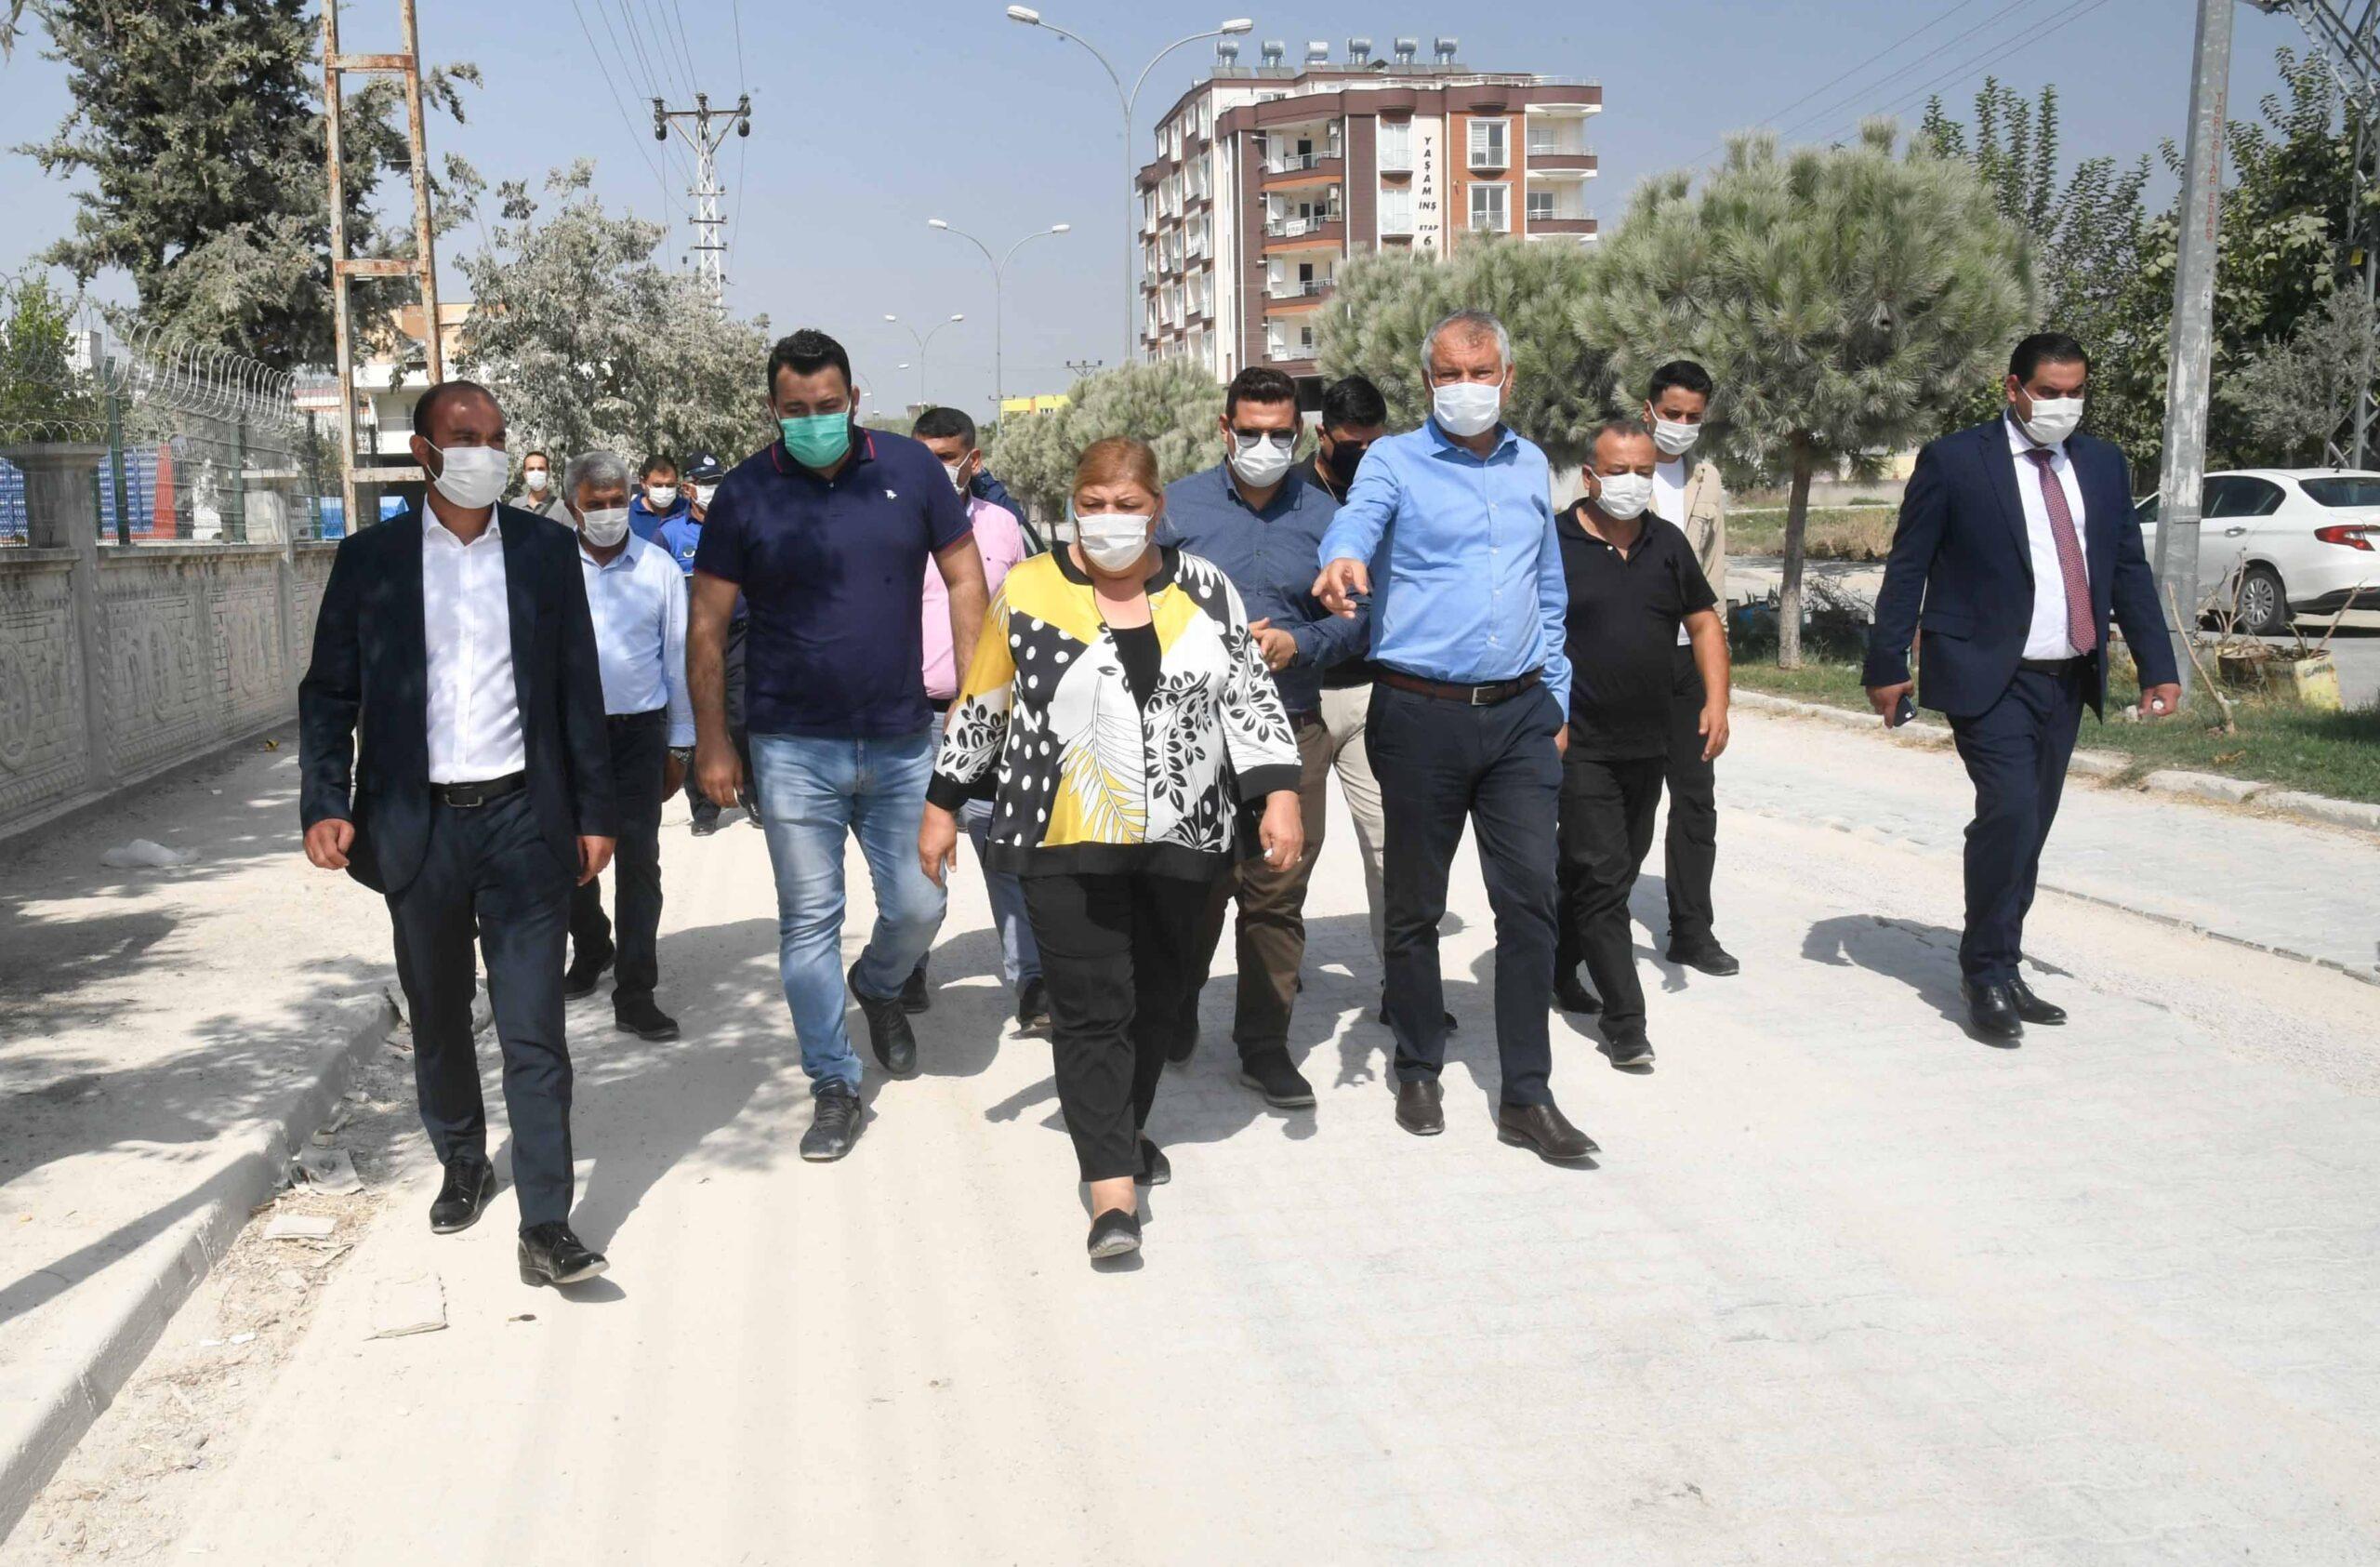 Adana Büyükşehir, Ceyhan'ın sorunlarının çözümü için teyakkuza geçti